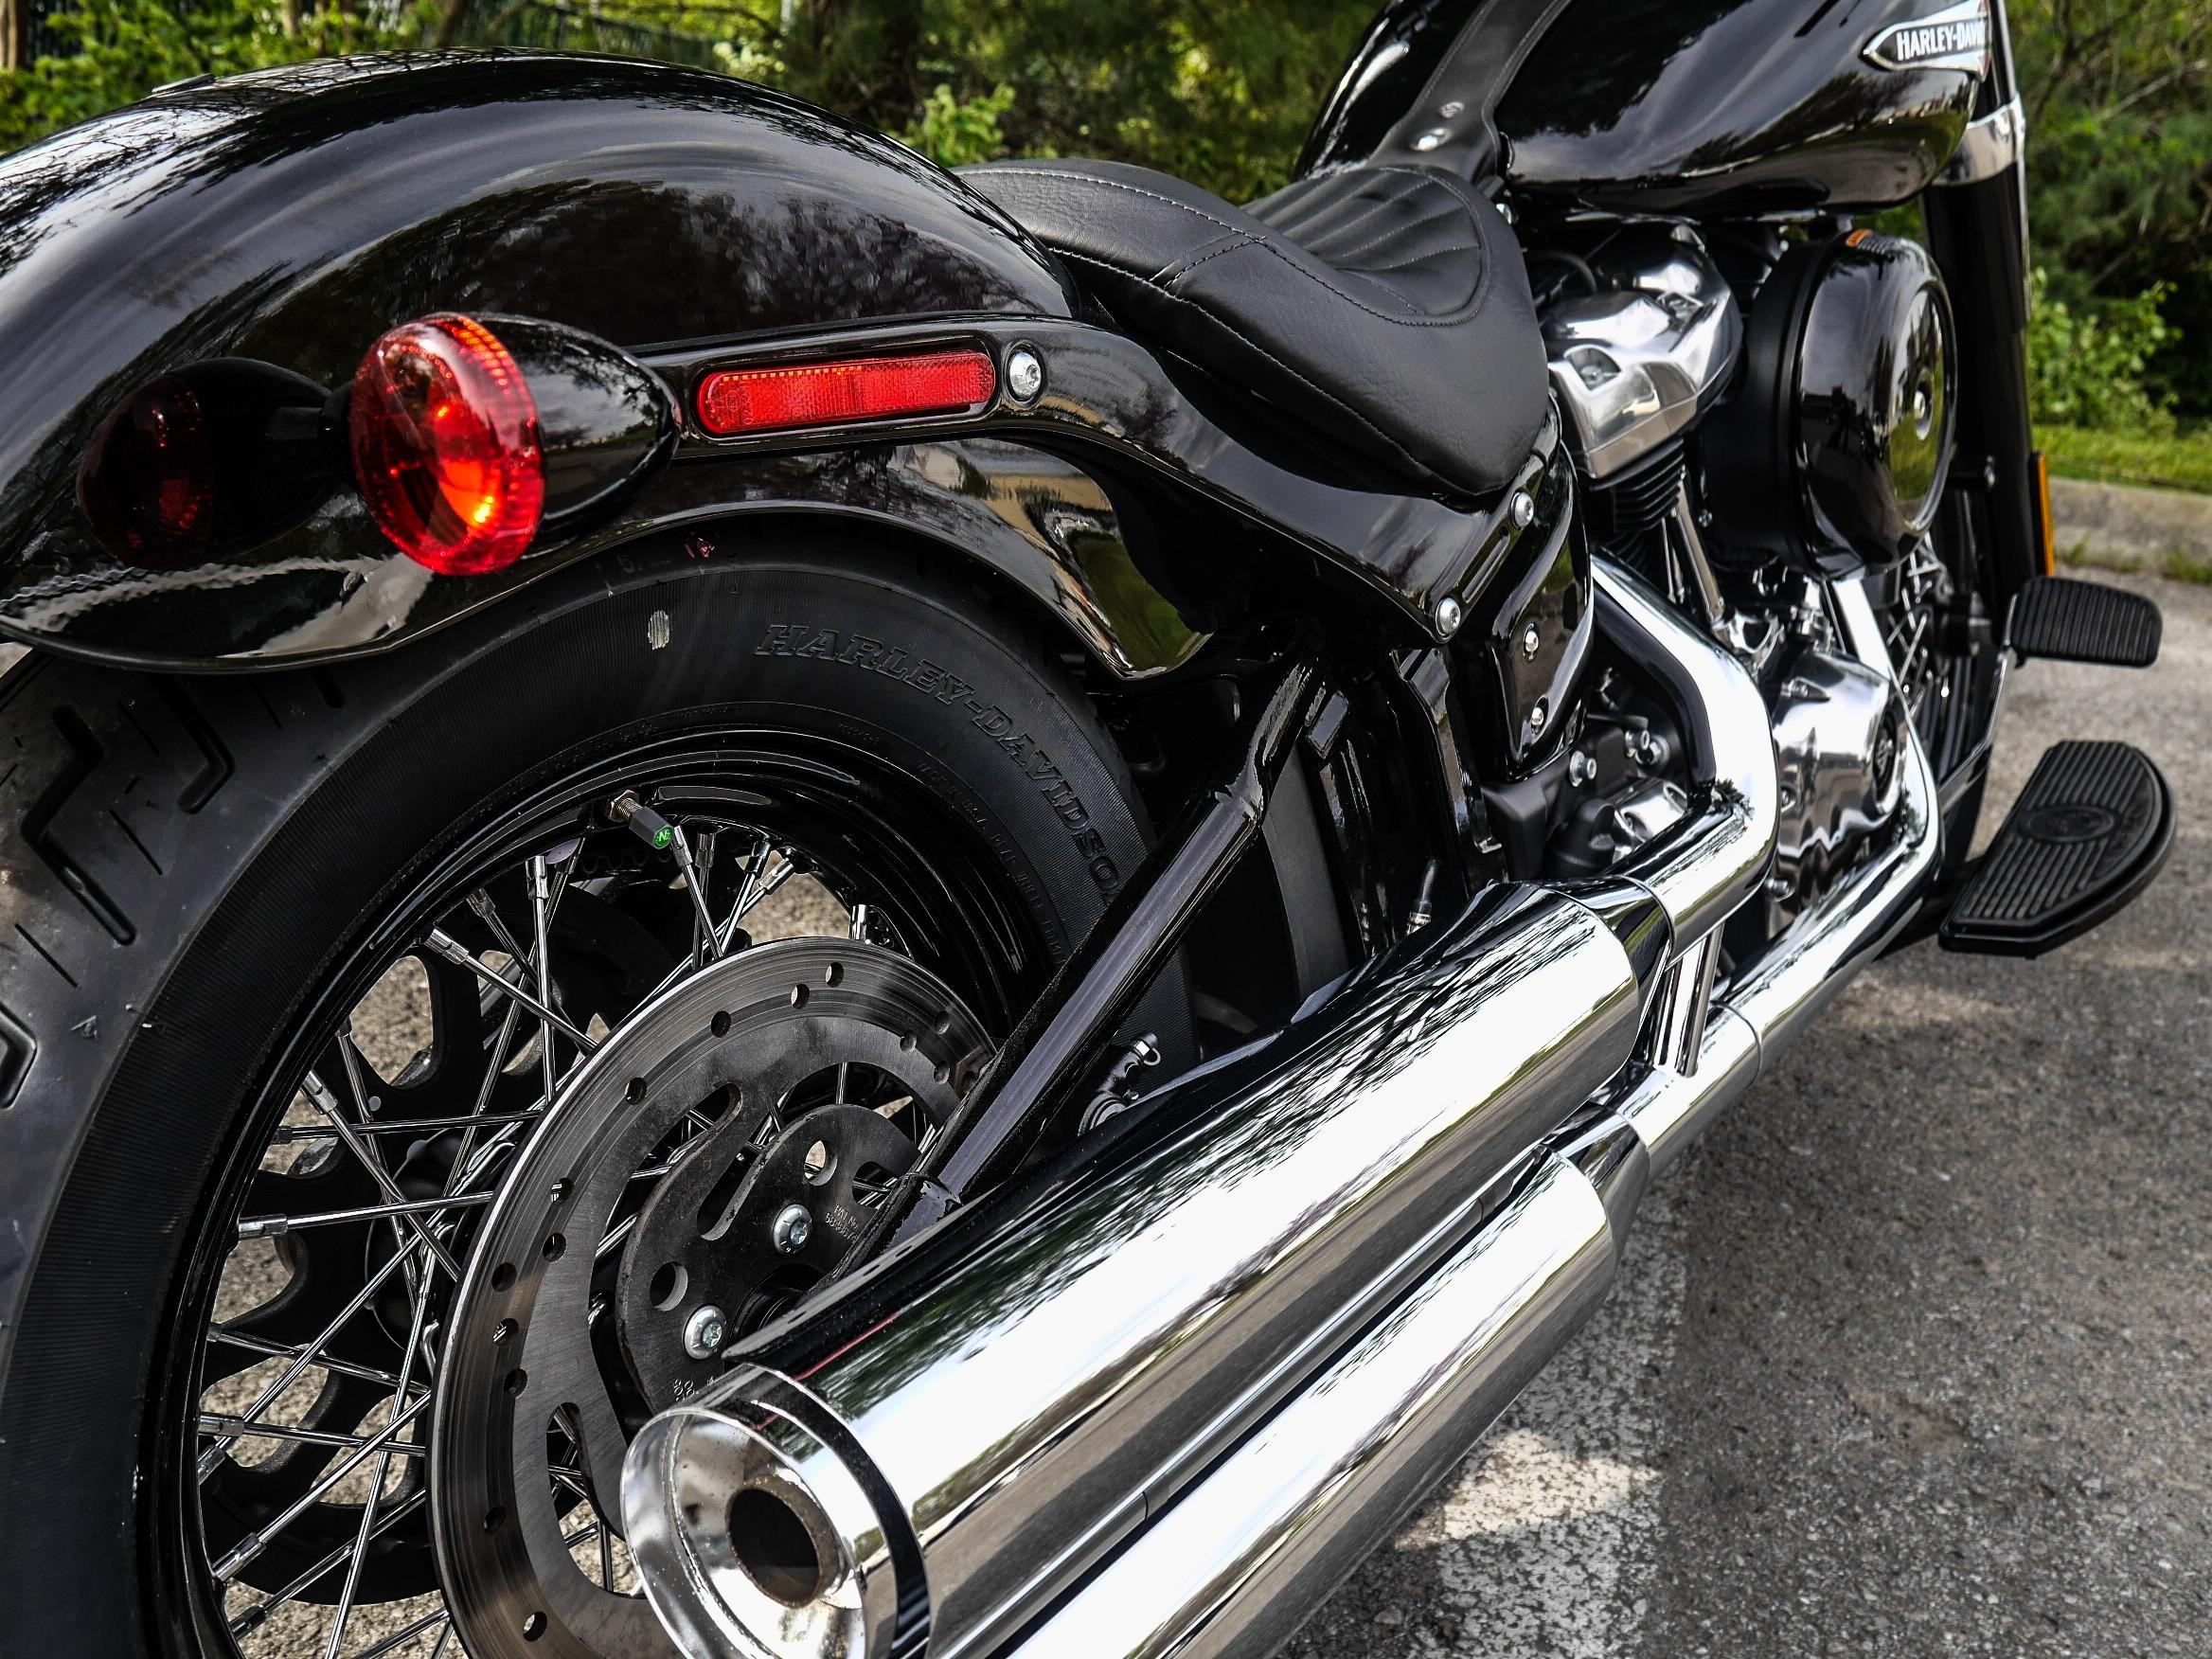 New 2019 Harley-Davidson Slim in Franklin #T026224